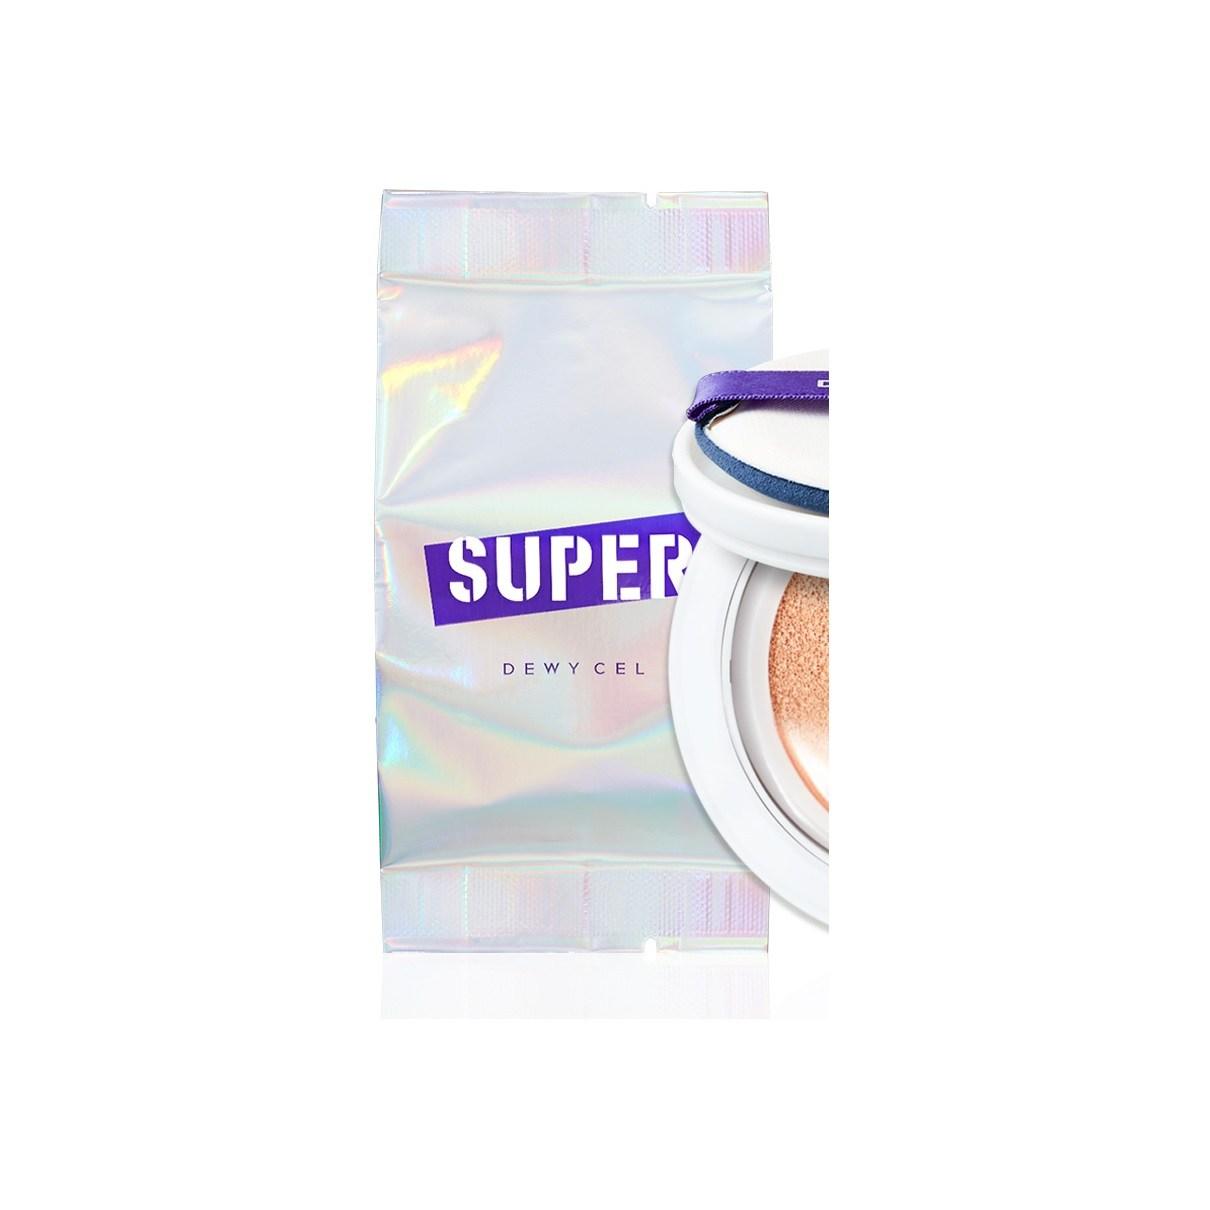 듀이셀 슈퍼플 쿠션 15g(SPF50) 23호 리필, 1개